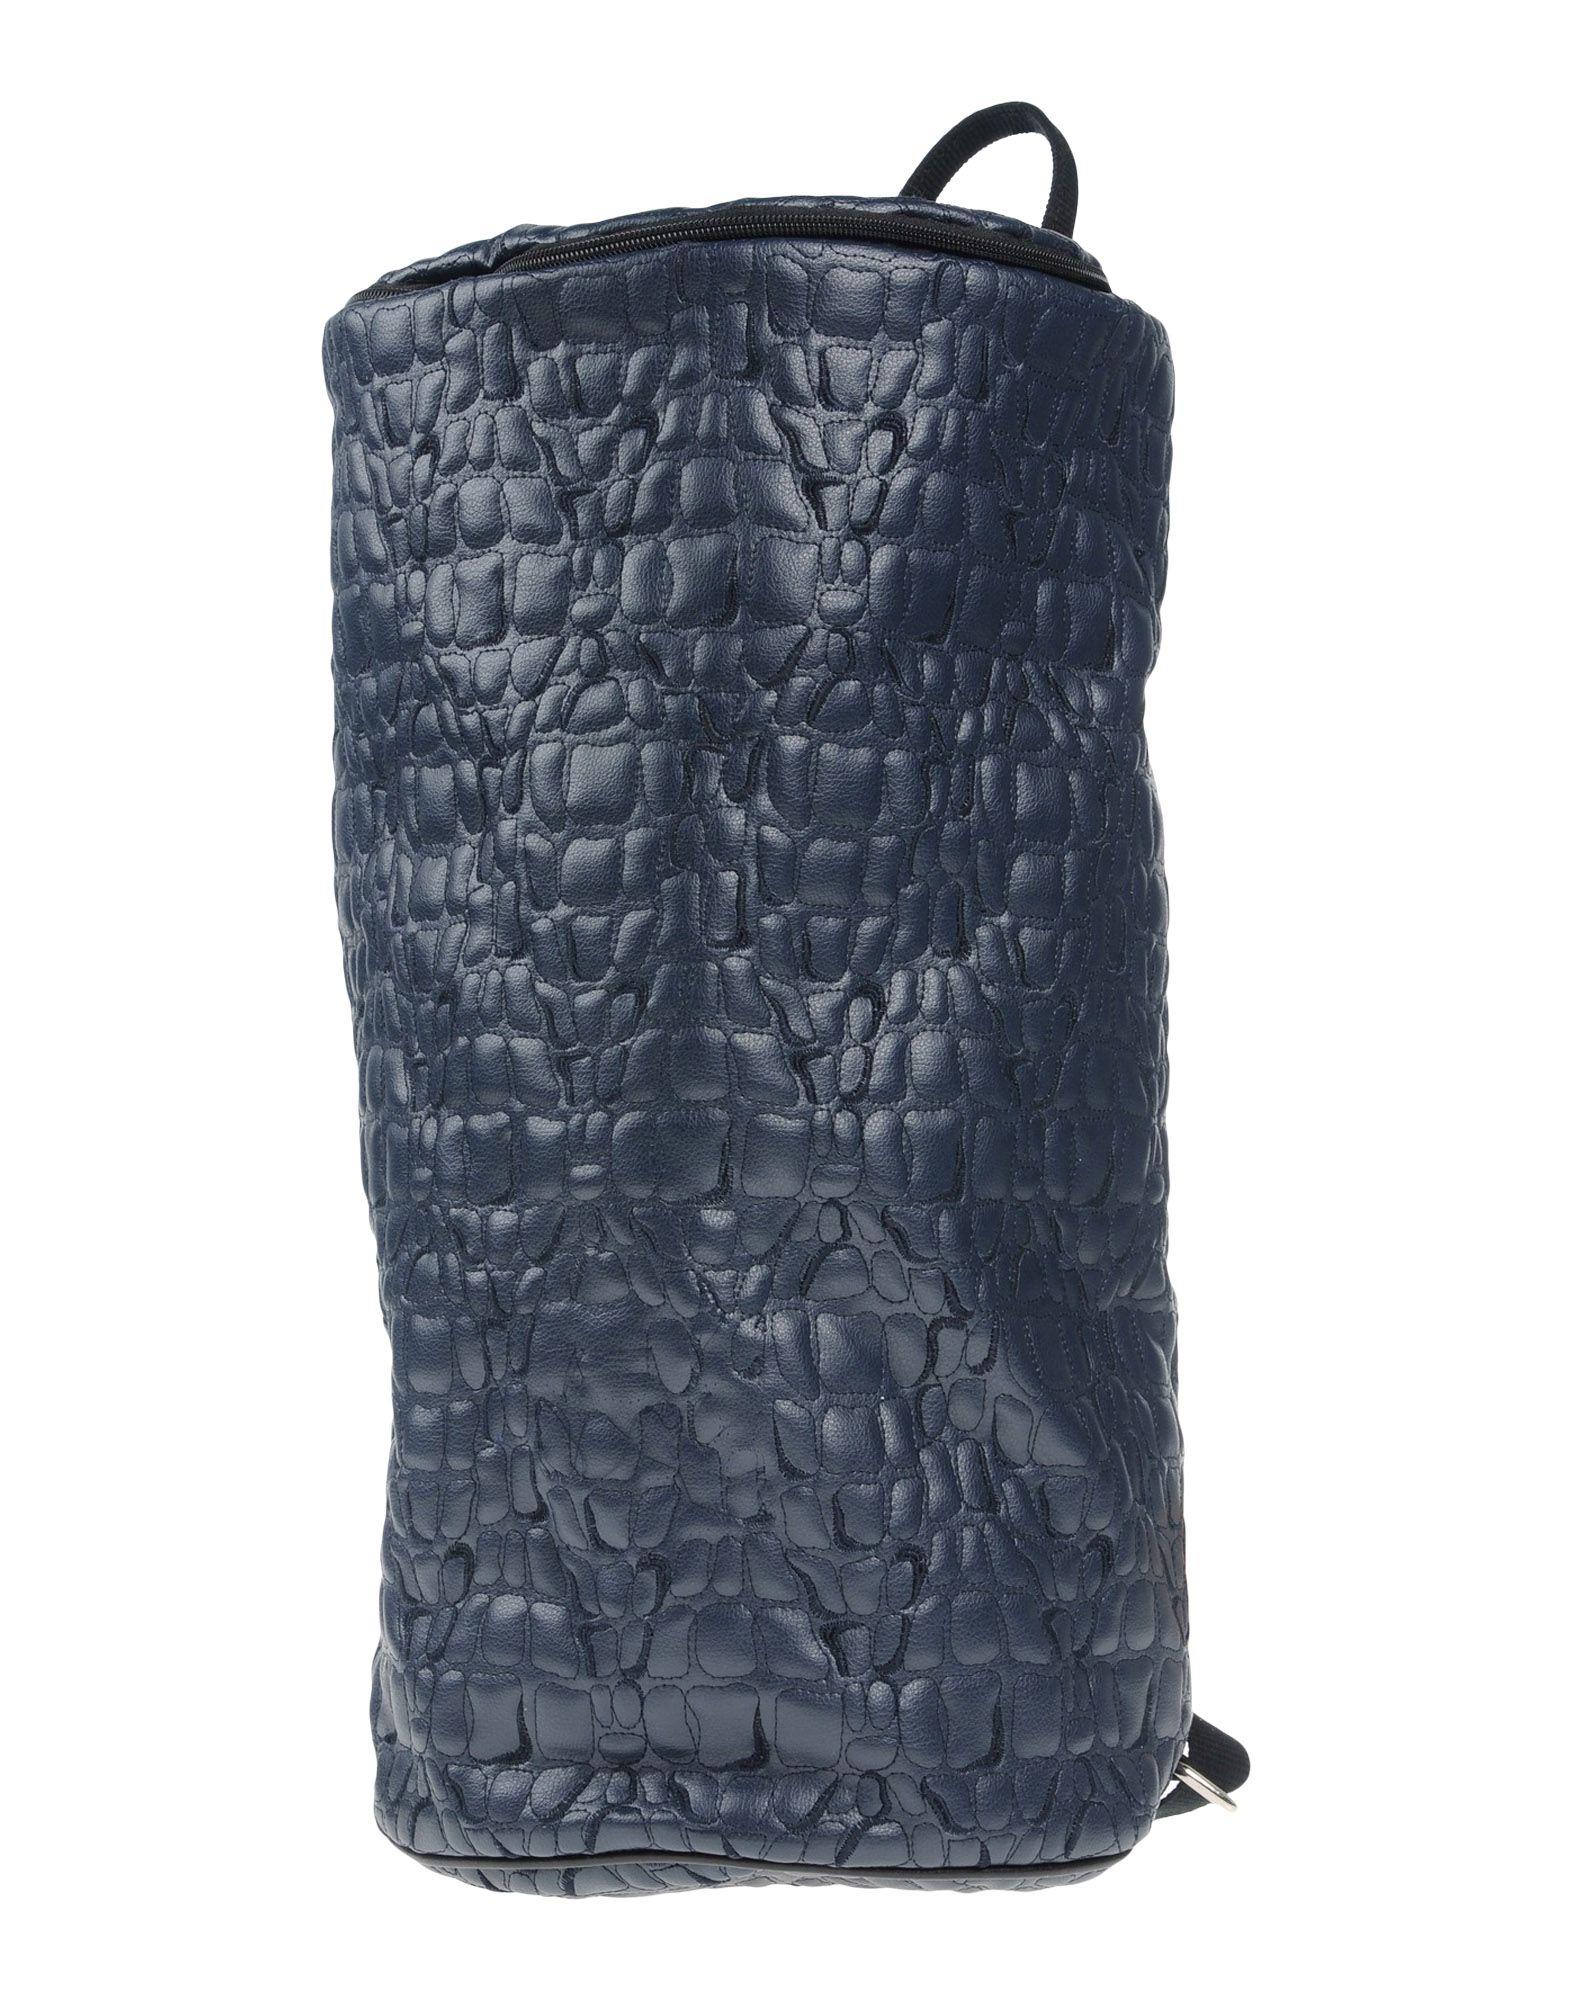 IDEA77 Рюкзаки и сумки на пояс дизайнер высокое качество натуральная кожа женские винтажные овчины твердые школьные сумки mochilas mujer 2017 рюкзаки для девочек